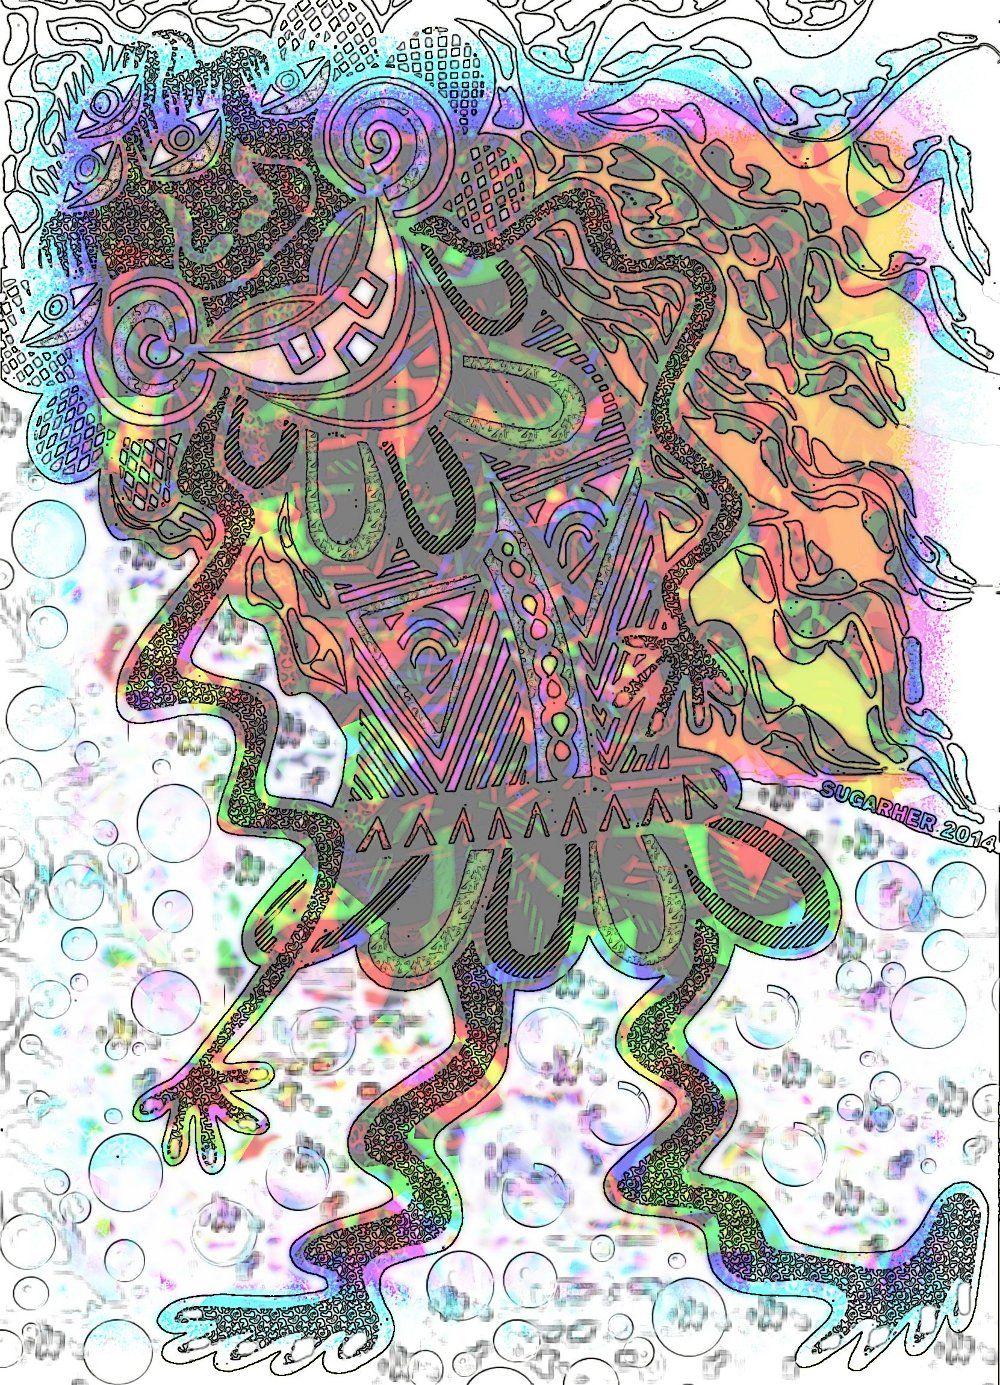 """""""La hechicera alienígena II"""" Ver más en: www.sirenasinmar.blogspot.com www.facebook.com/SugarherArts www.librecreacion.net"""